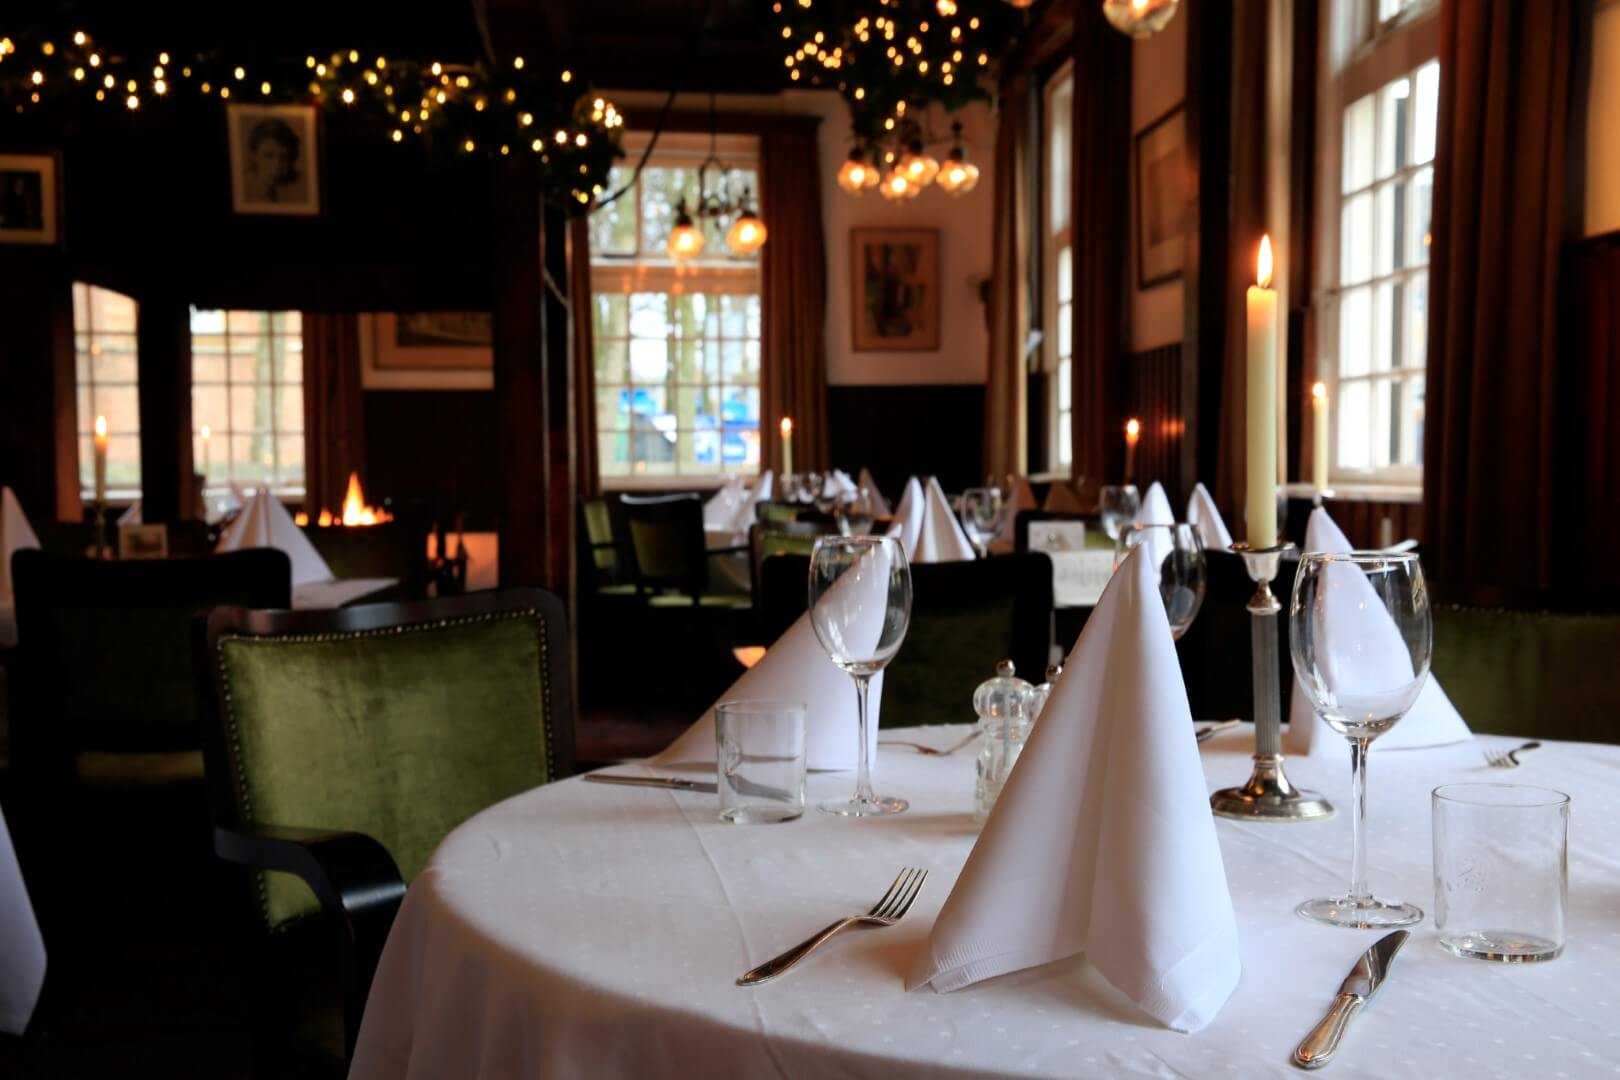 Huis met de Pilaren Bergen restaurant (21)